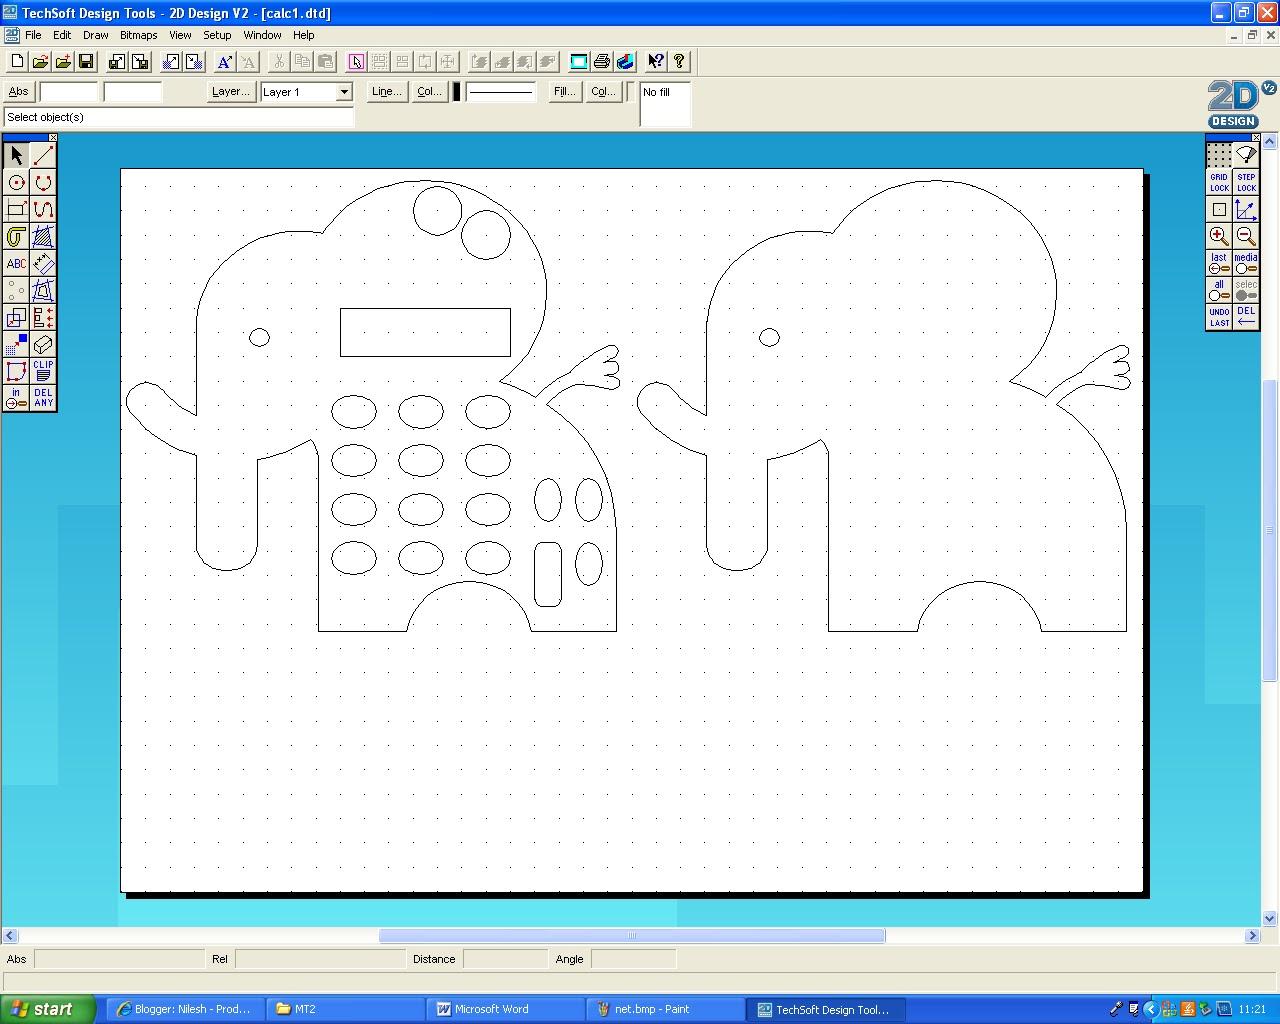 Cnc Design 2d Image May Contain Indoor Cnc Design 2d D